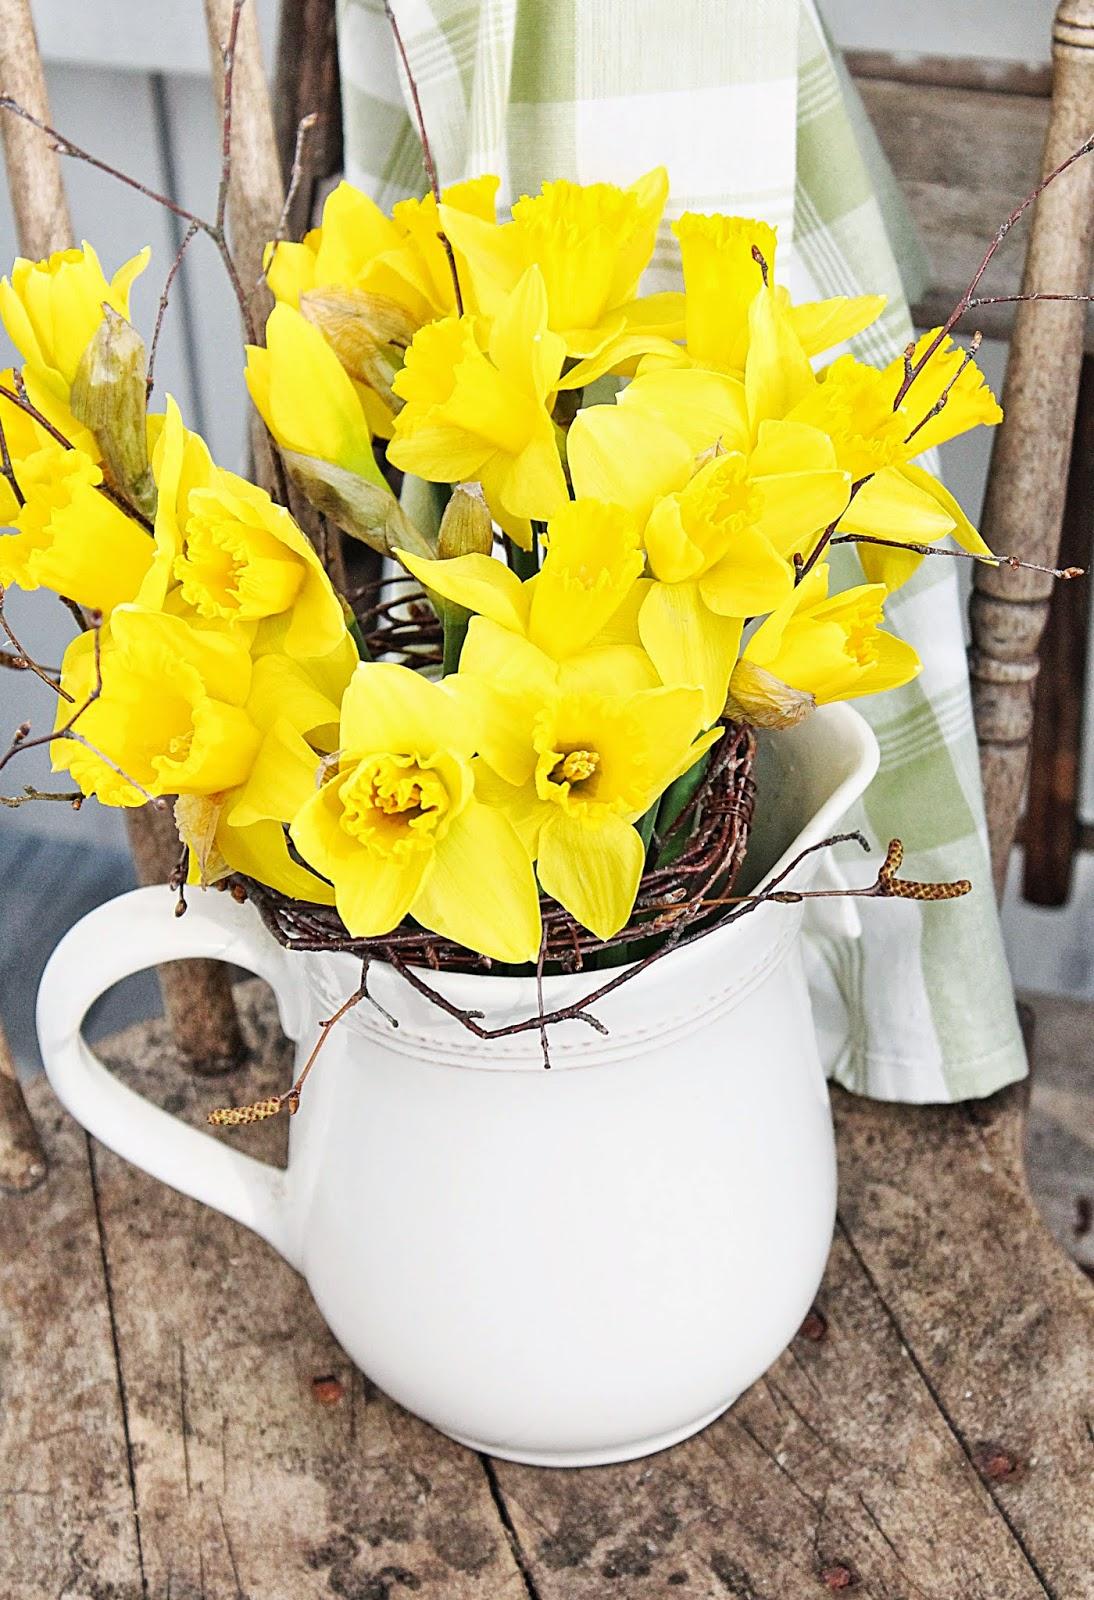 dekor/vesennie-cvety-k-pashe-foto-7.jpg